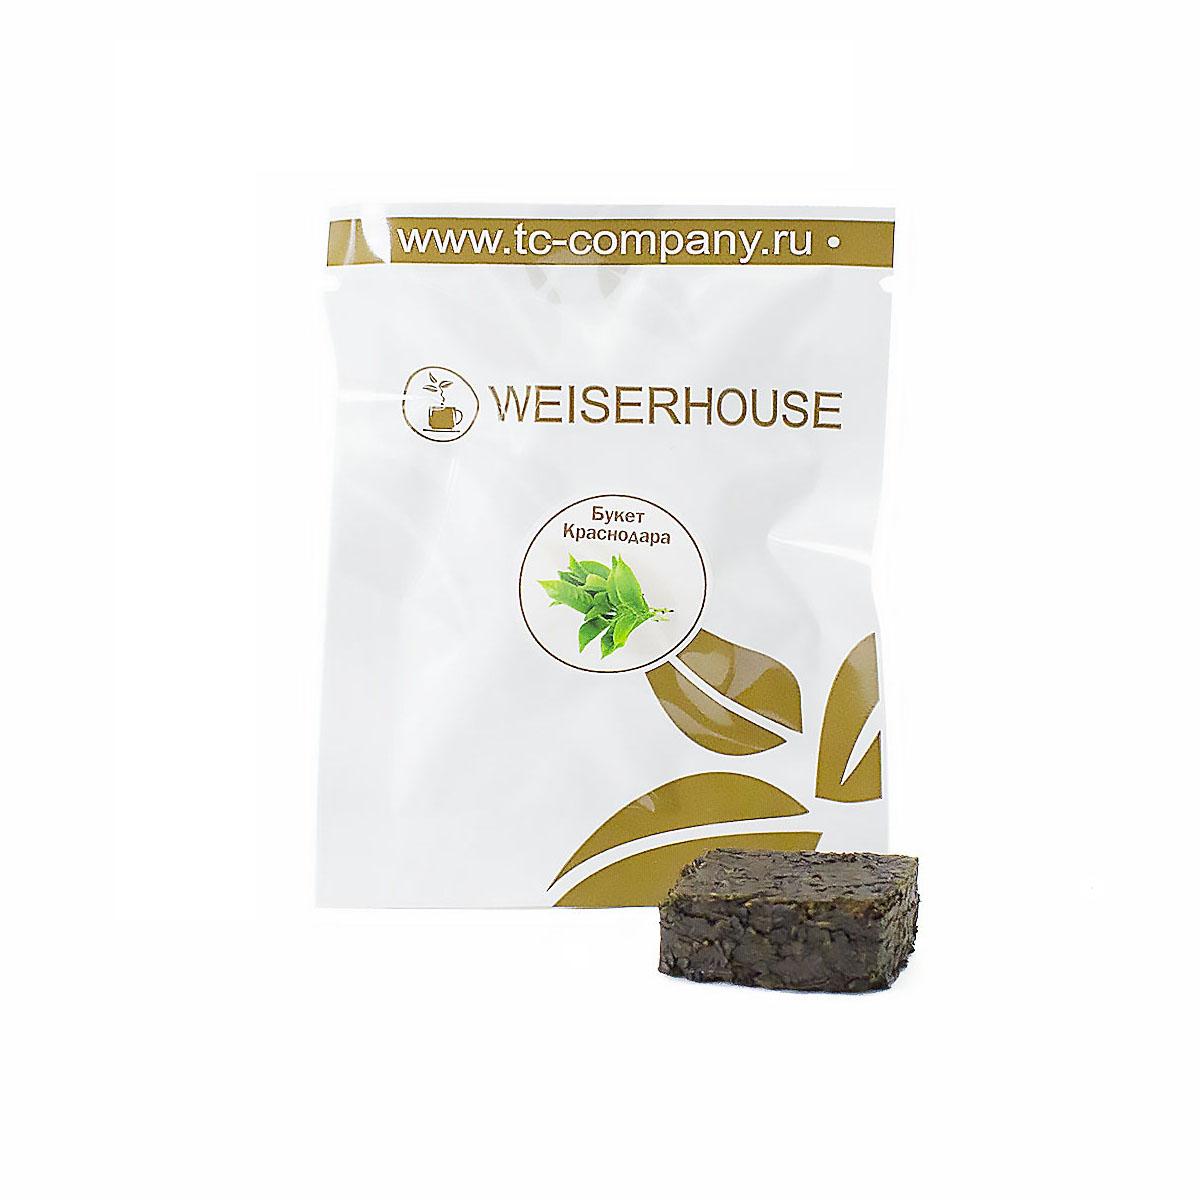 Чай черный Букет Краснодара, прессованный в кубиках (5-7 гр.) в инд. упак.